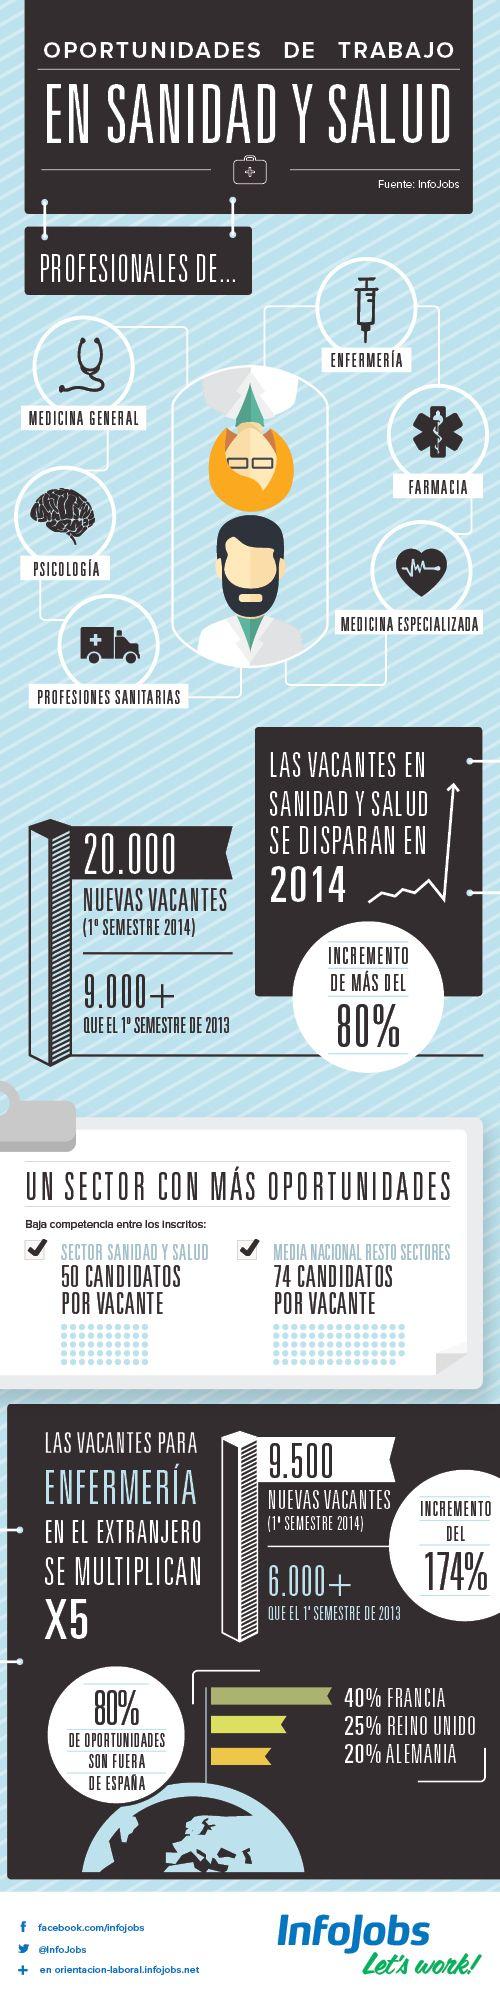 Oportunidades de trabajo en Sanidad y Salud